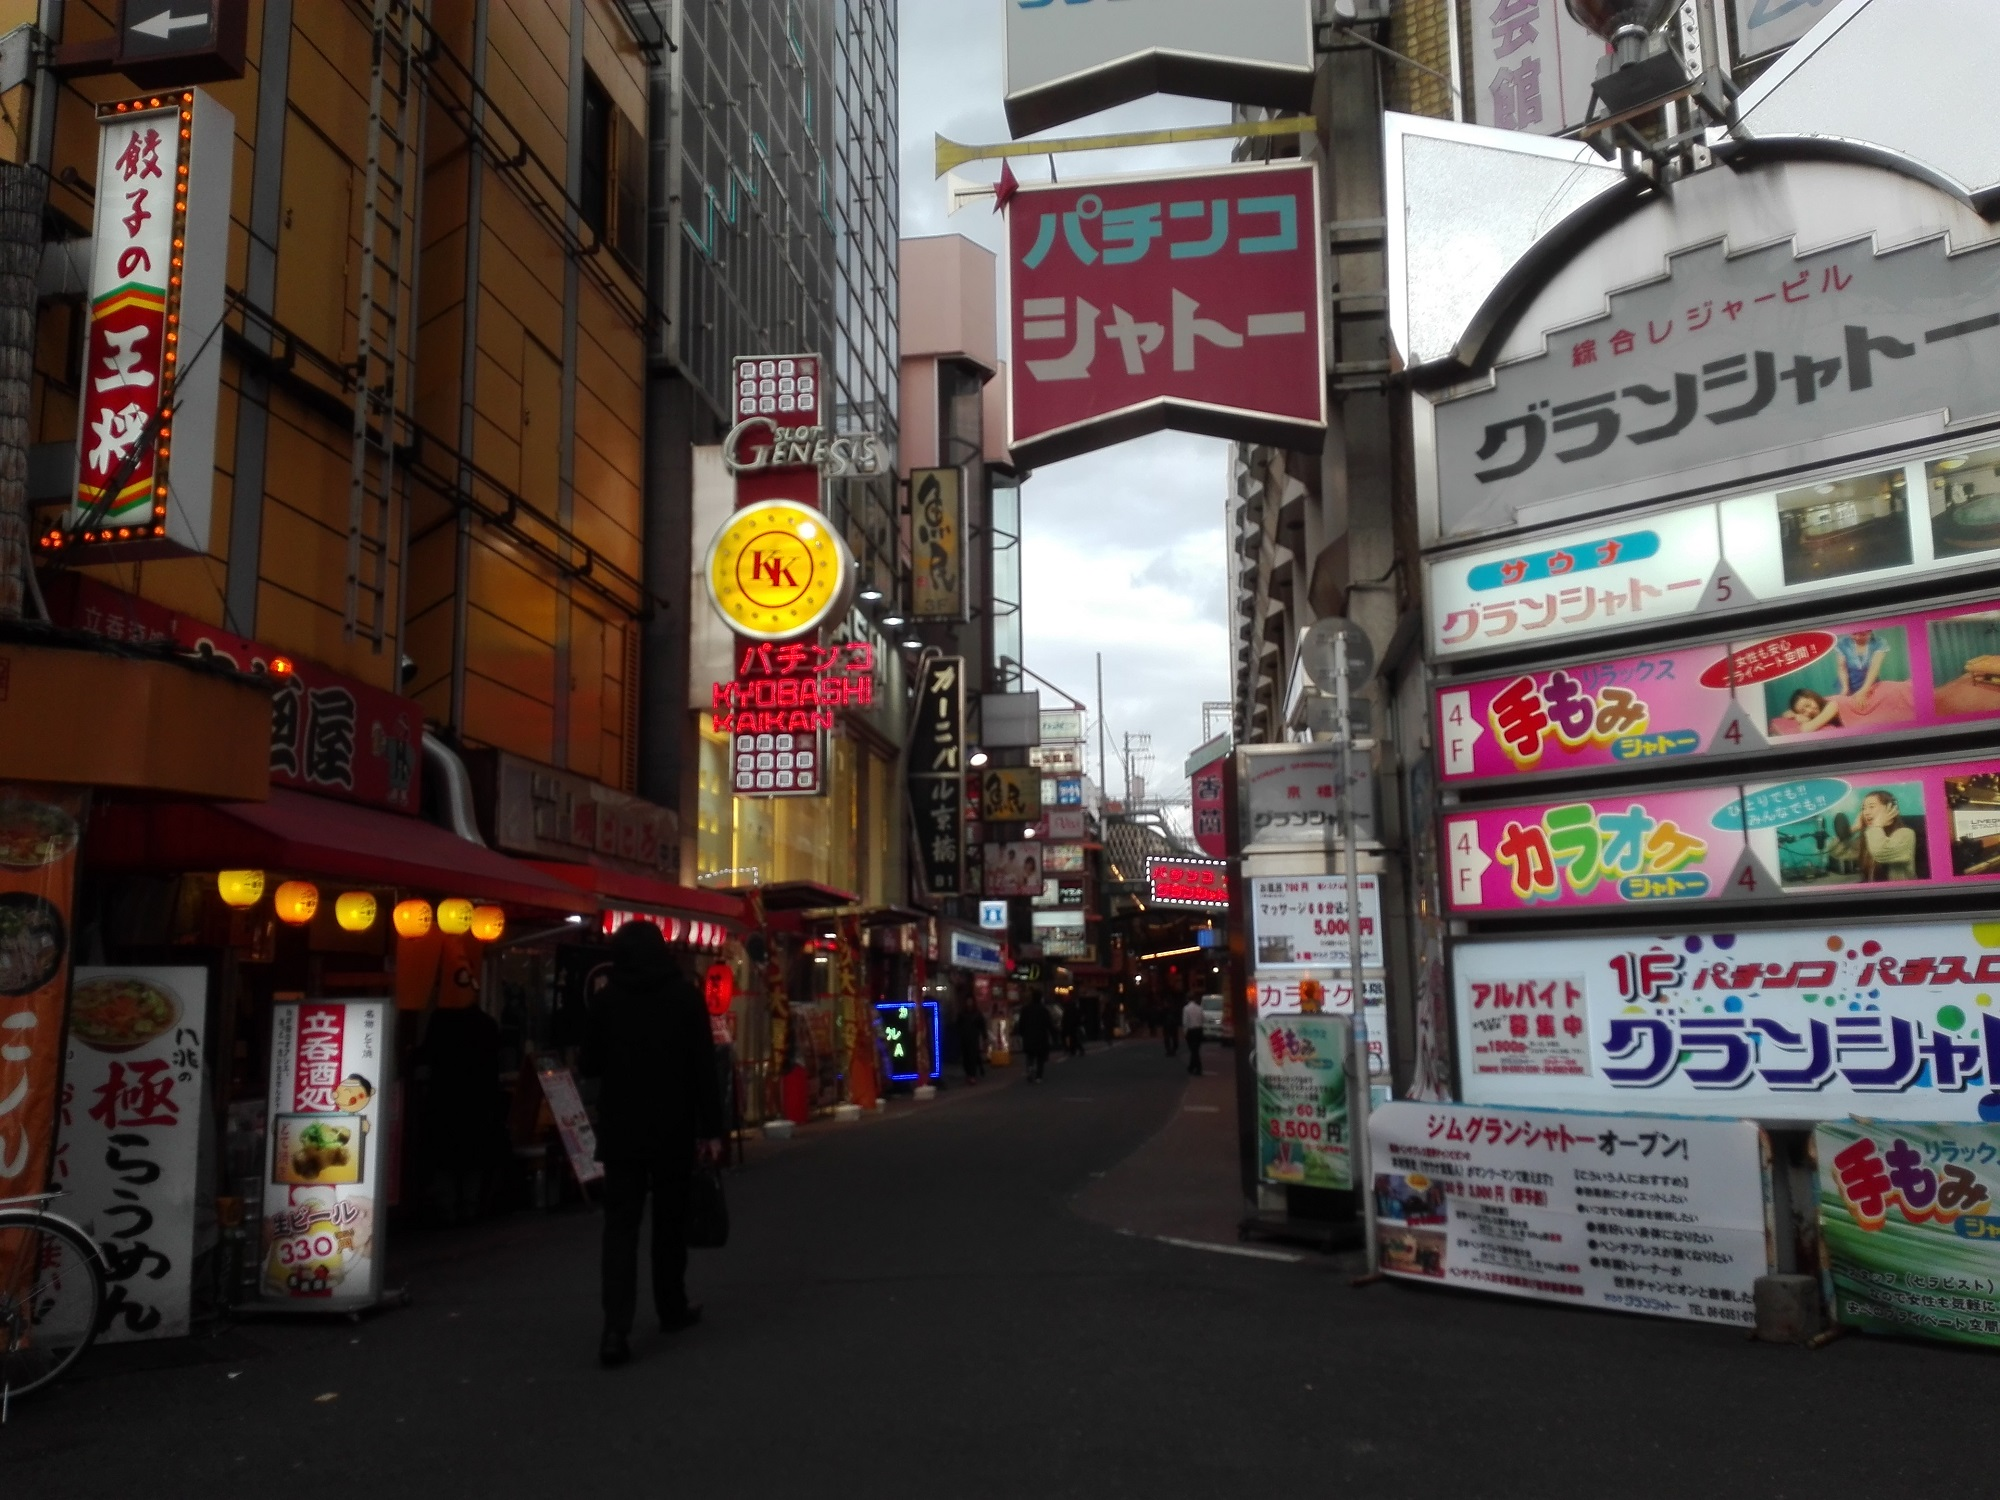 大阪を代表するディープタウン 京橋の街を歩いてみた